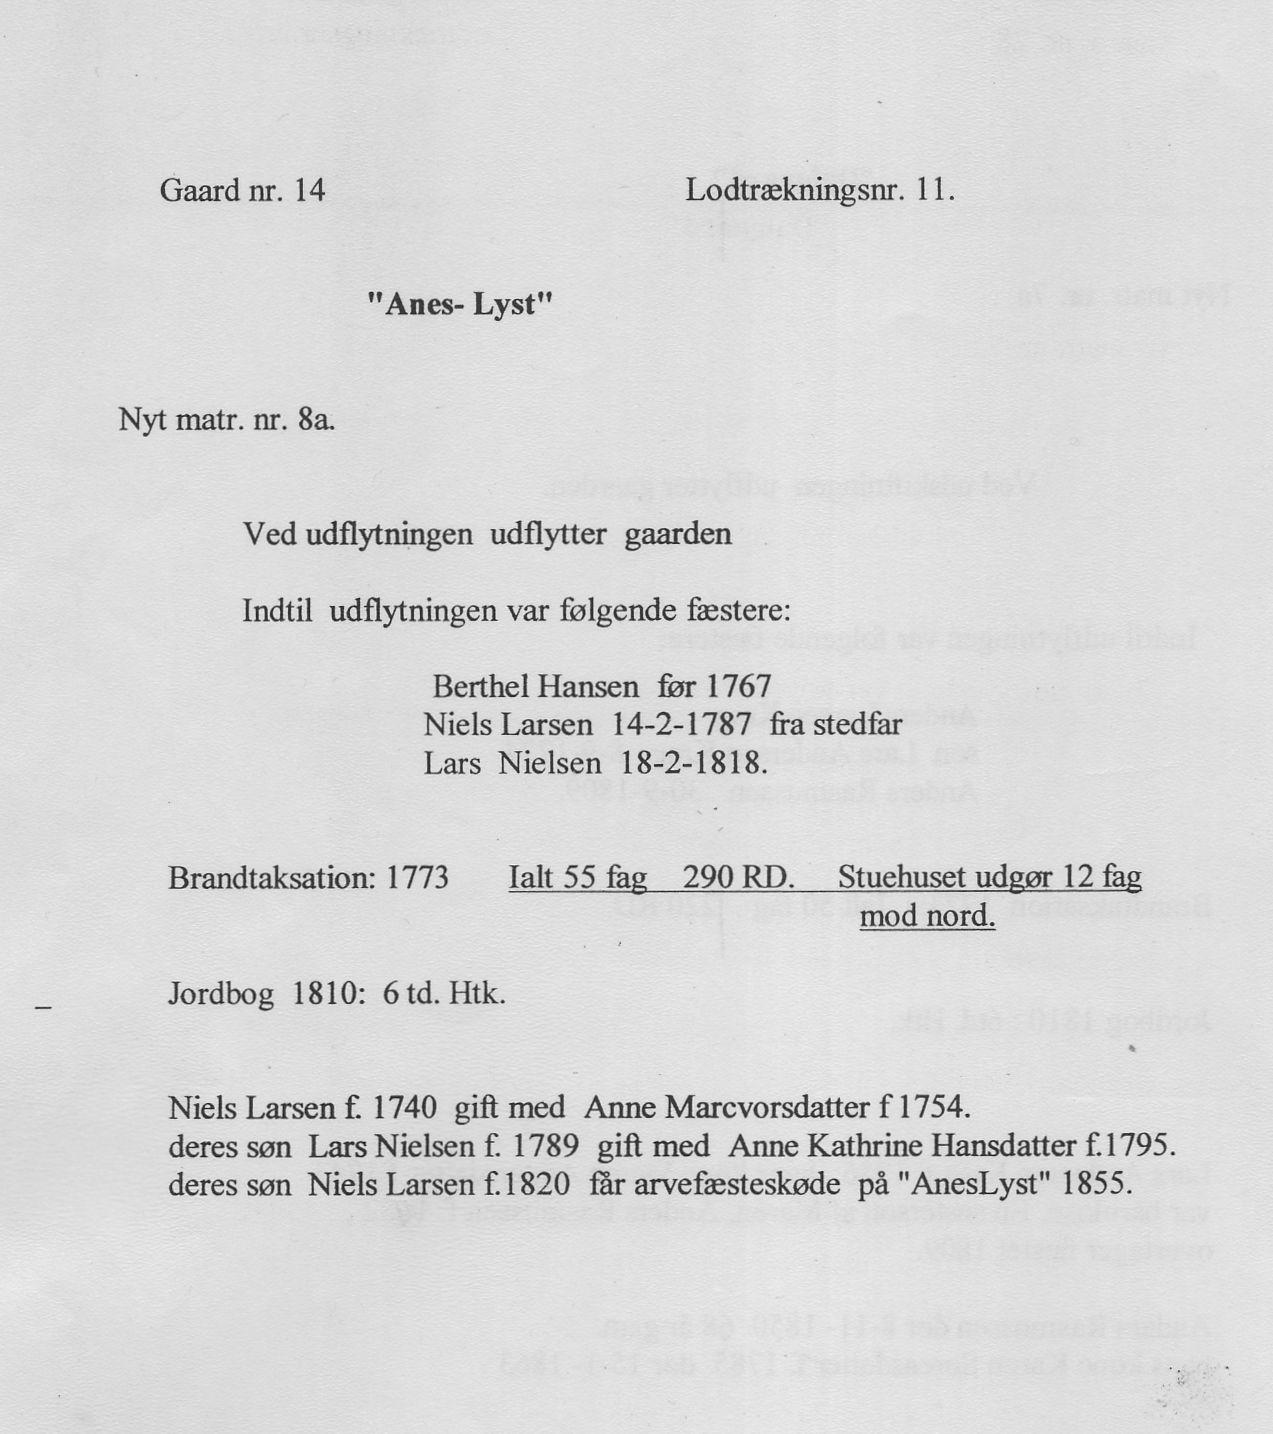 """""""Anes-Lyst"""" - nyt matr. nr. 8a, Åstrup sogn"""